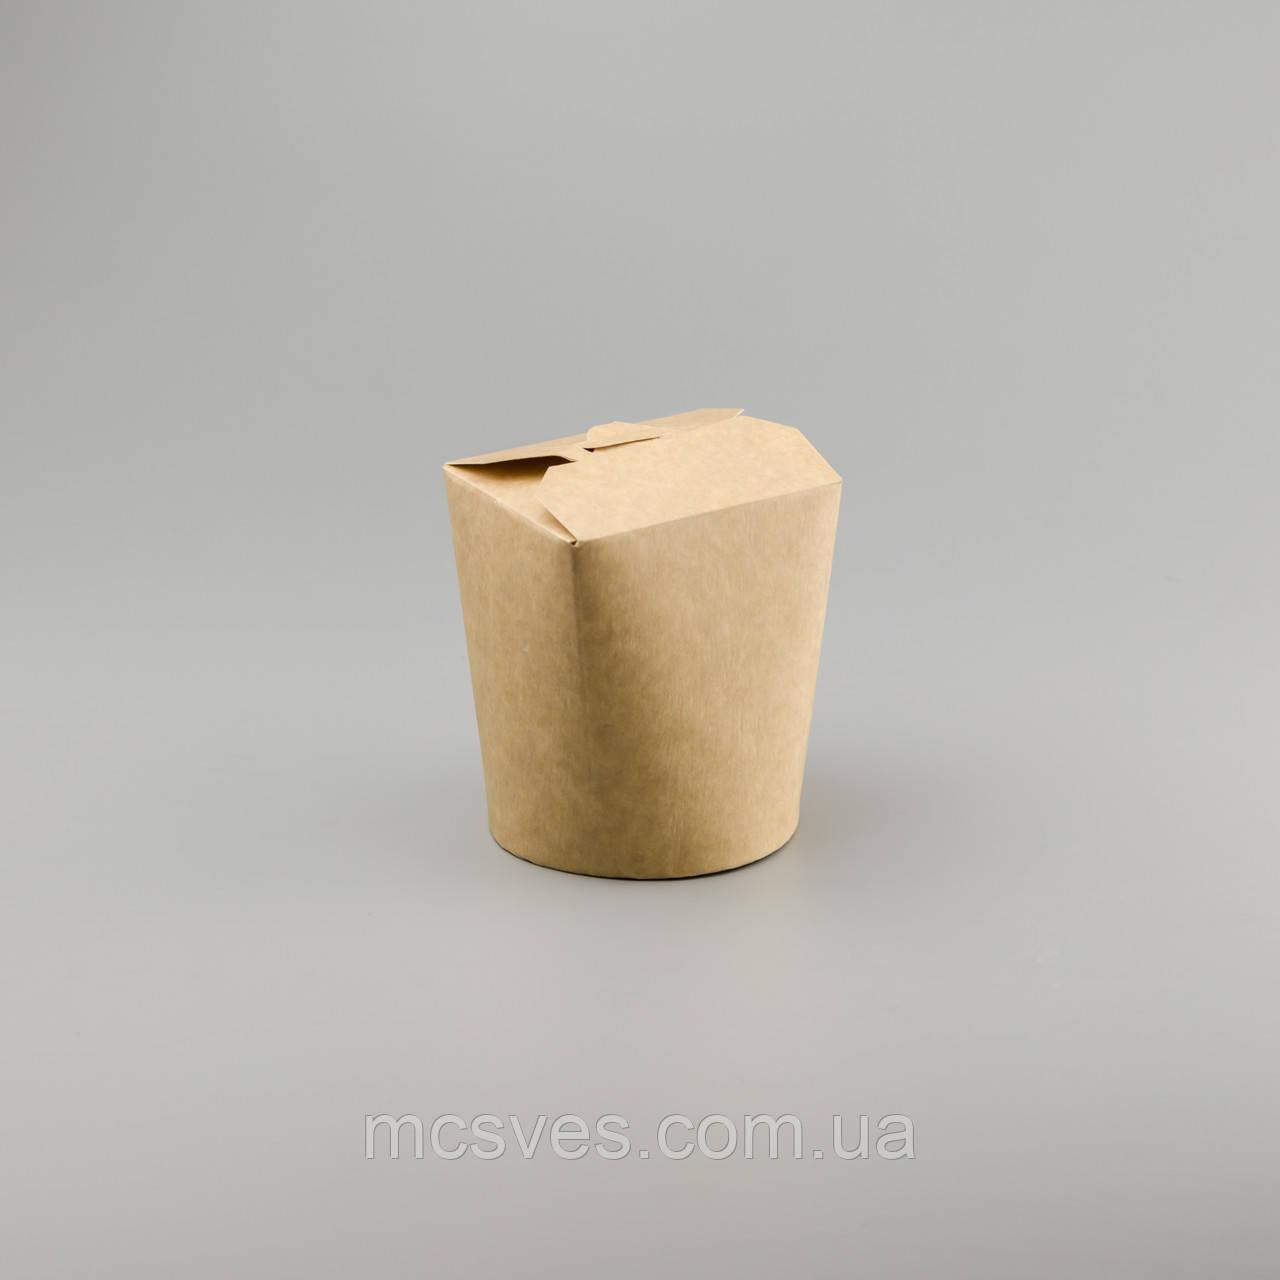 Бумажная крафтовая упаковка для лапши, китайской еды, пельменей, вареников, салатов, Паста Бокс, 750 мл